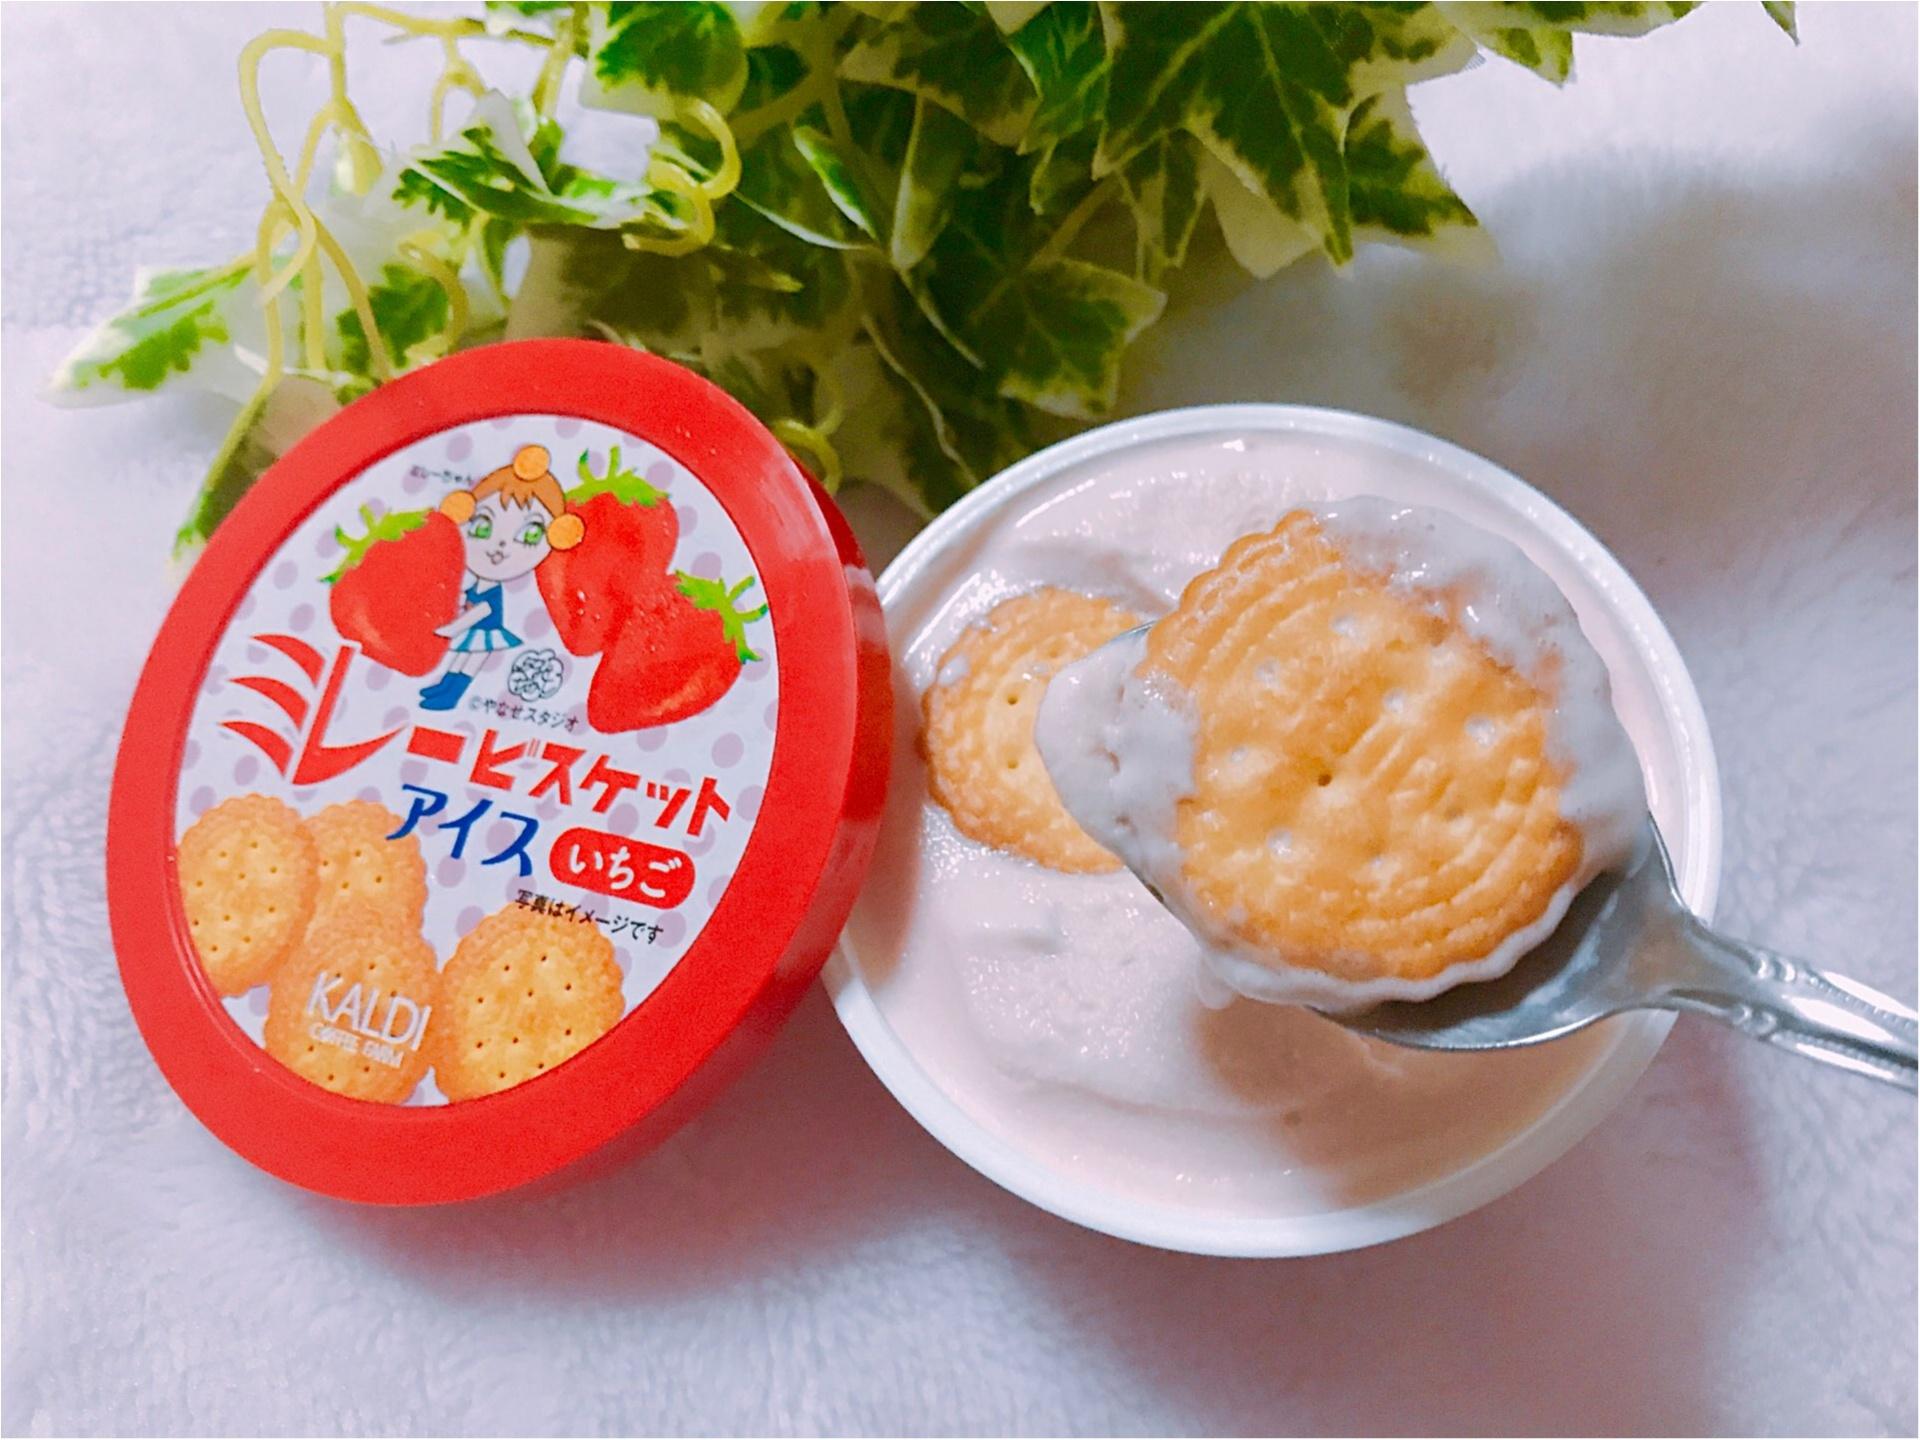 """【KALDI】あのご当地菓子《ミレービスケット》がアイスになっちゃった!カルディ限定で""""いちご味""""が新登場❤︎パッケージがレトロ可愛い♡♡_3"""